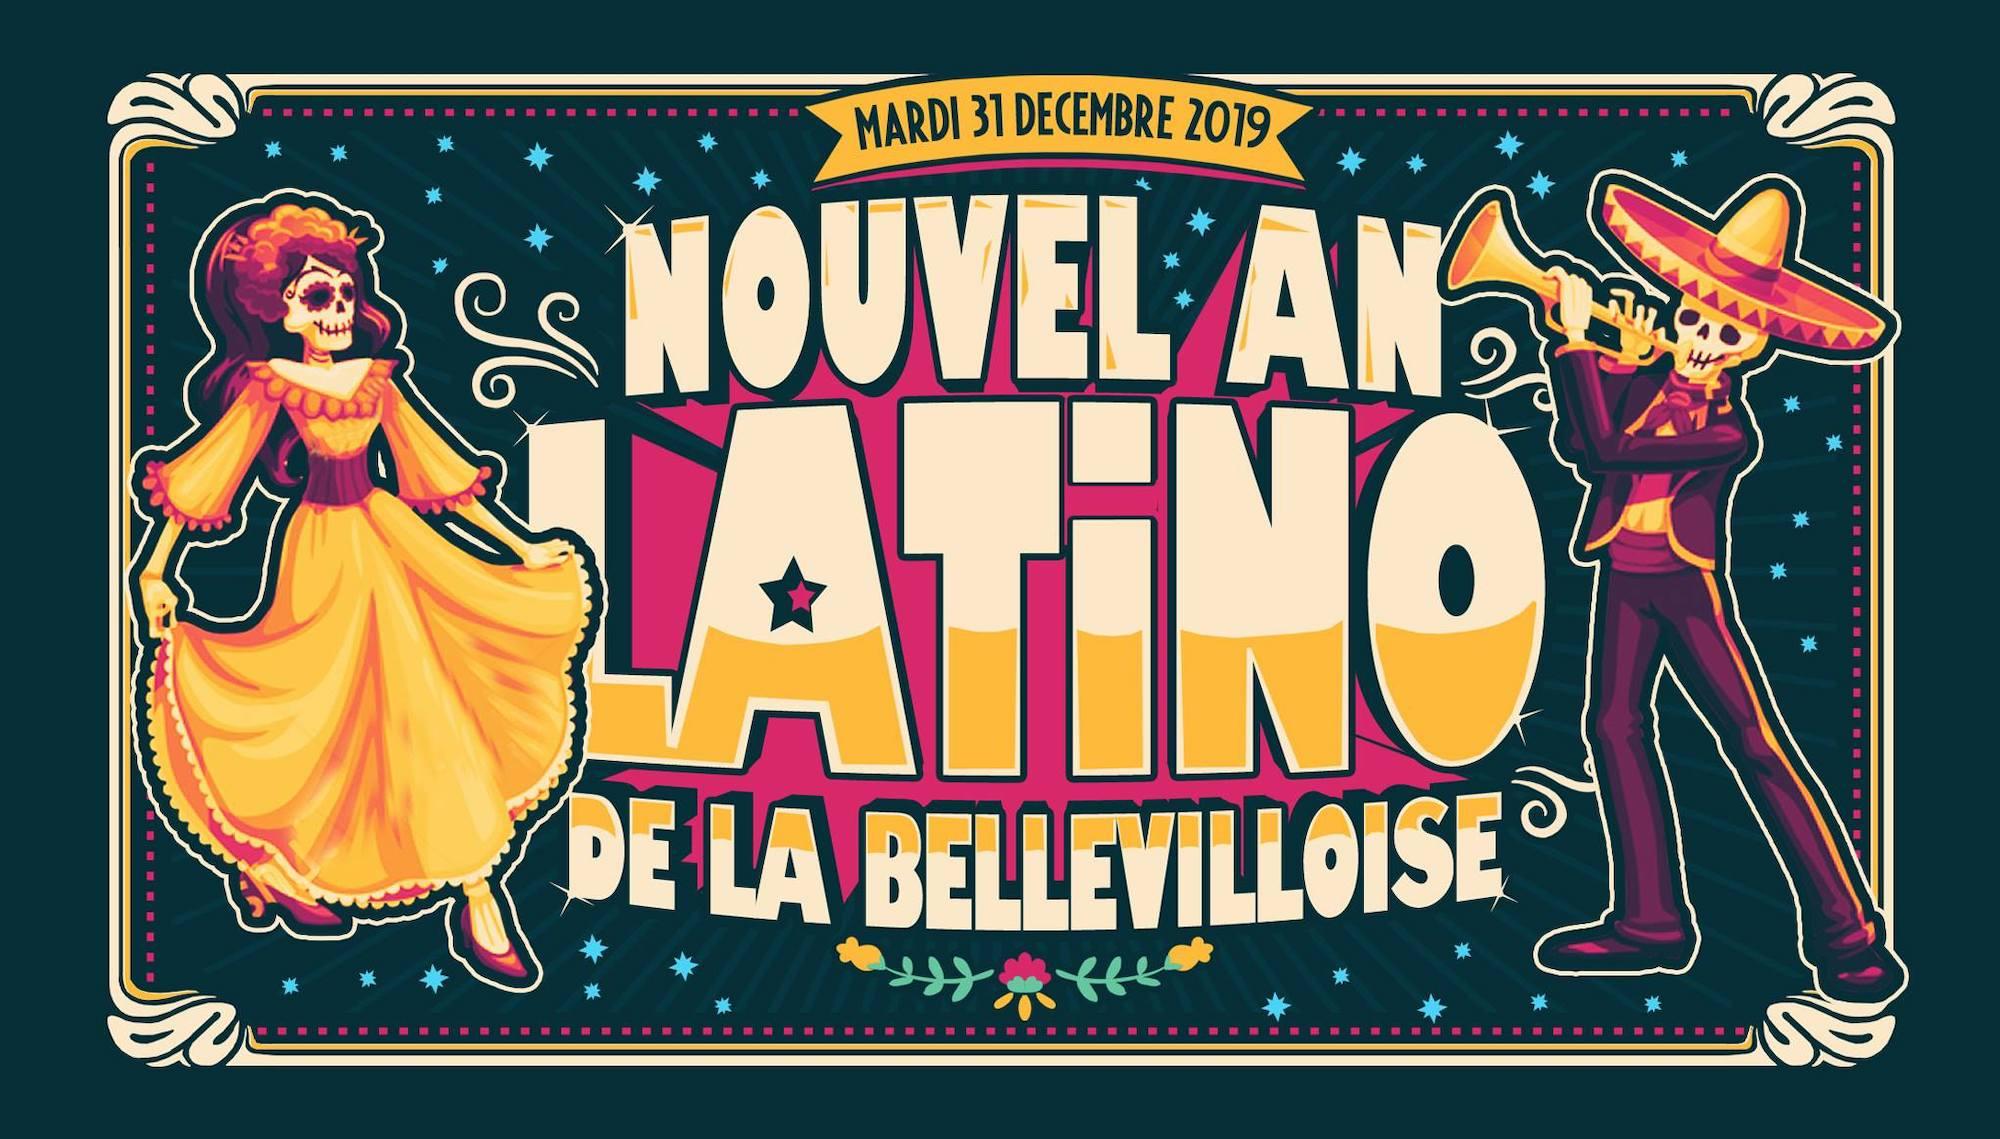 A poster promoting Nouvel An Latino de la Bellevilloise.